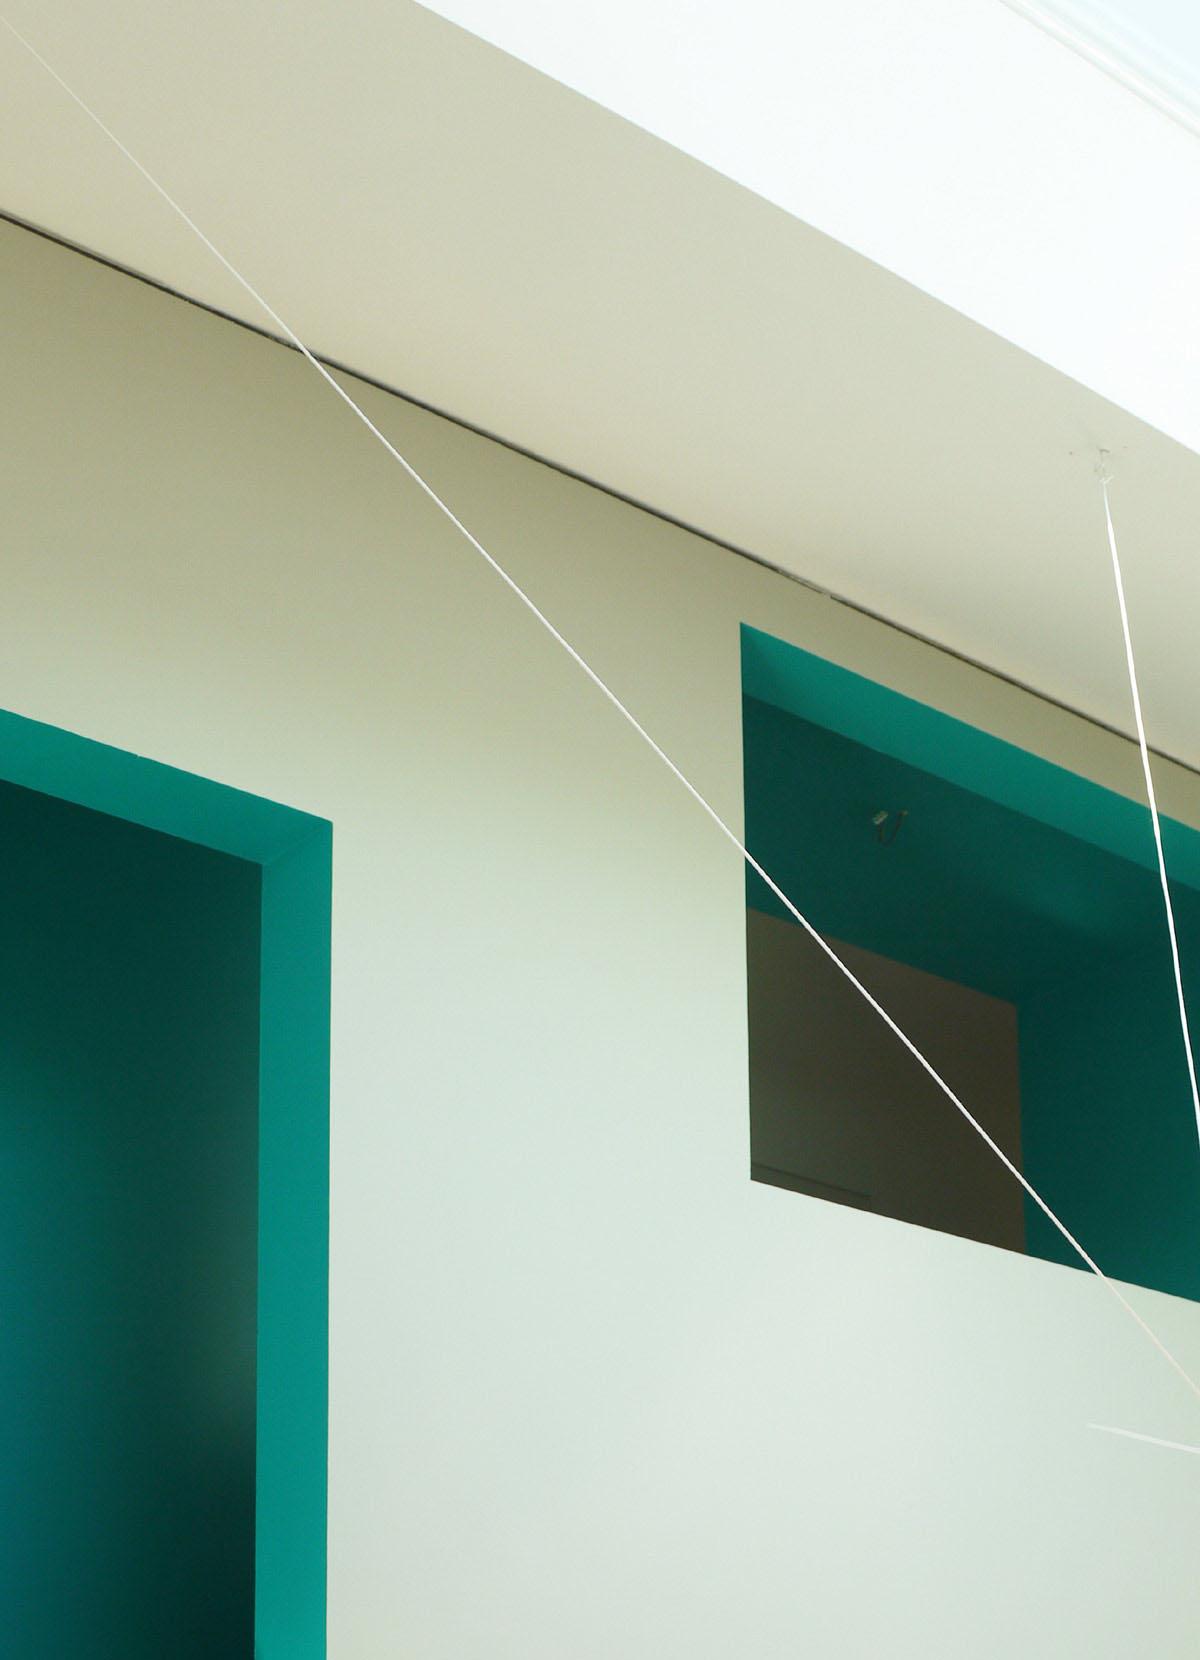 Foto des Mehrfamilienhauses im Hinterhof der Niederstraße 25 in Altbessungen, Darmstadt. Blick in den Innenraum des Dachgeschosses. Detailfoto der Einschnitte im Treppenkern. Farbige Laibungen kontrastieren die Öffnungen zur weissen Wand.